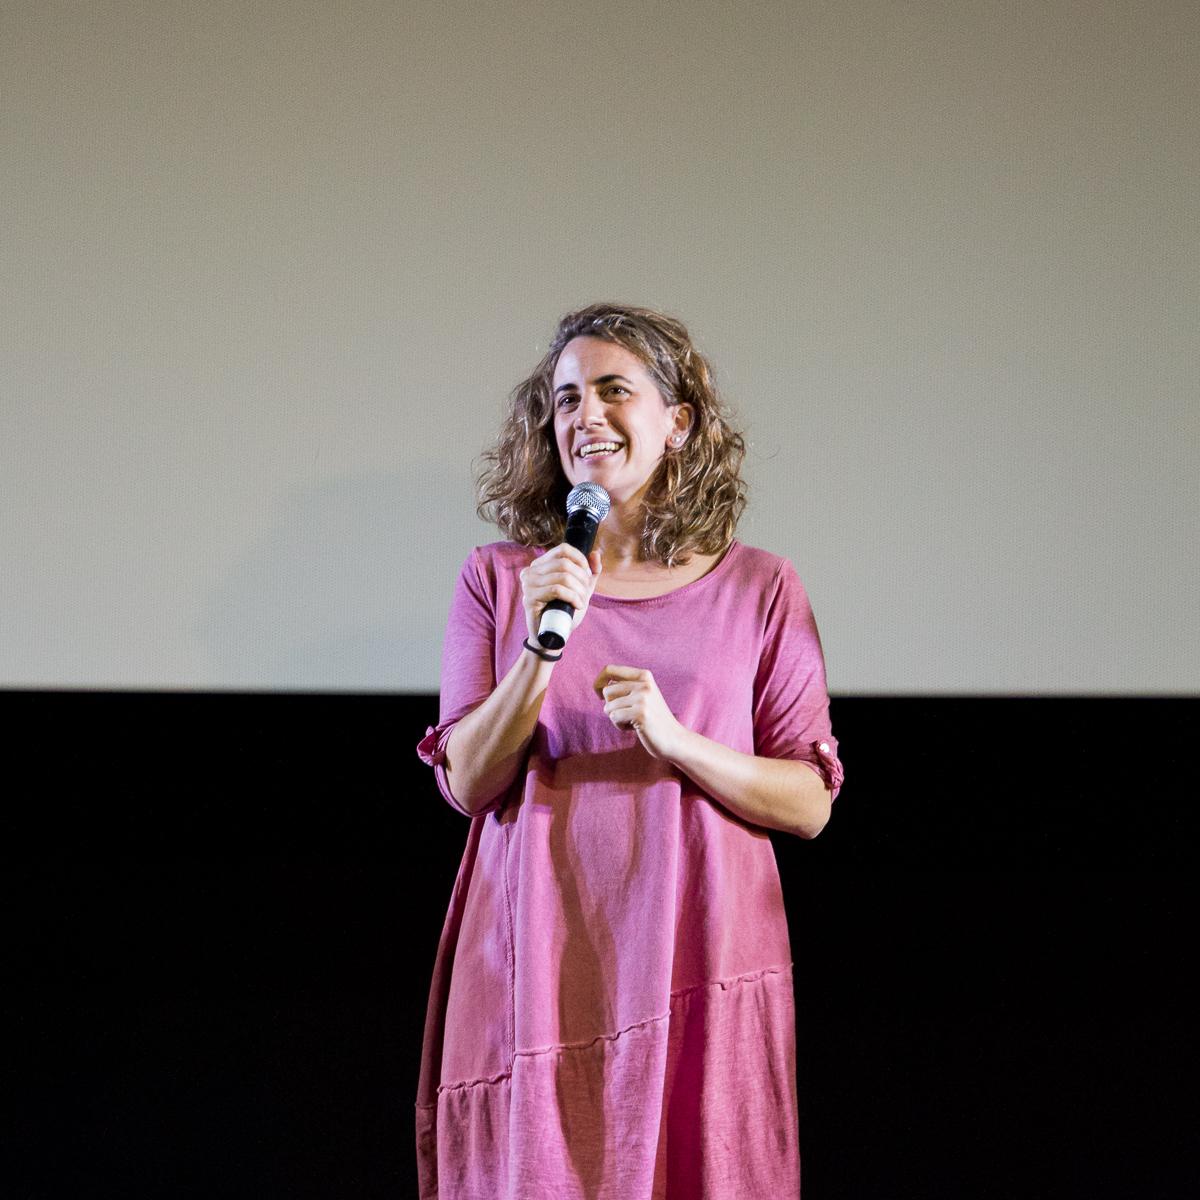 Lara Izagirre Garizurieta